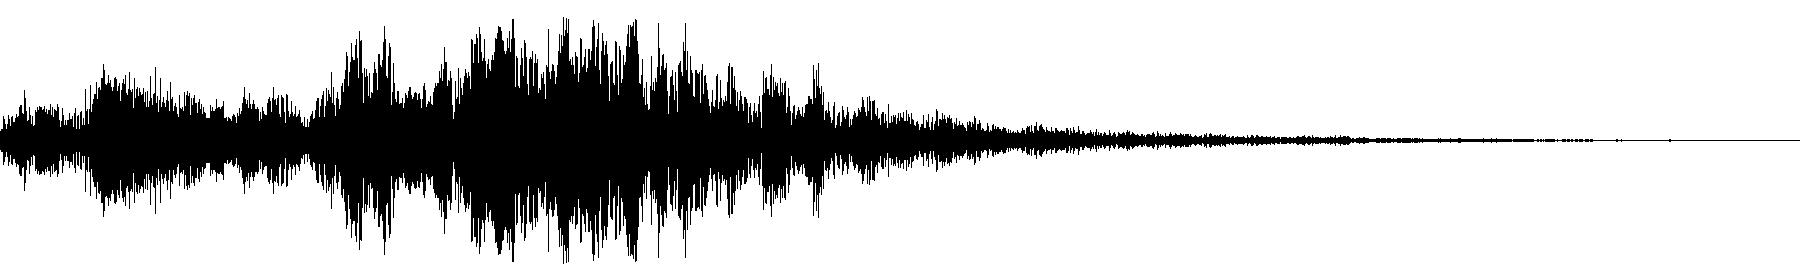 vfx1 atmos 67